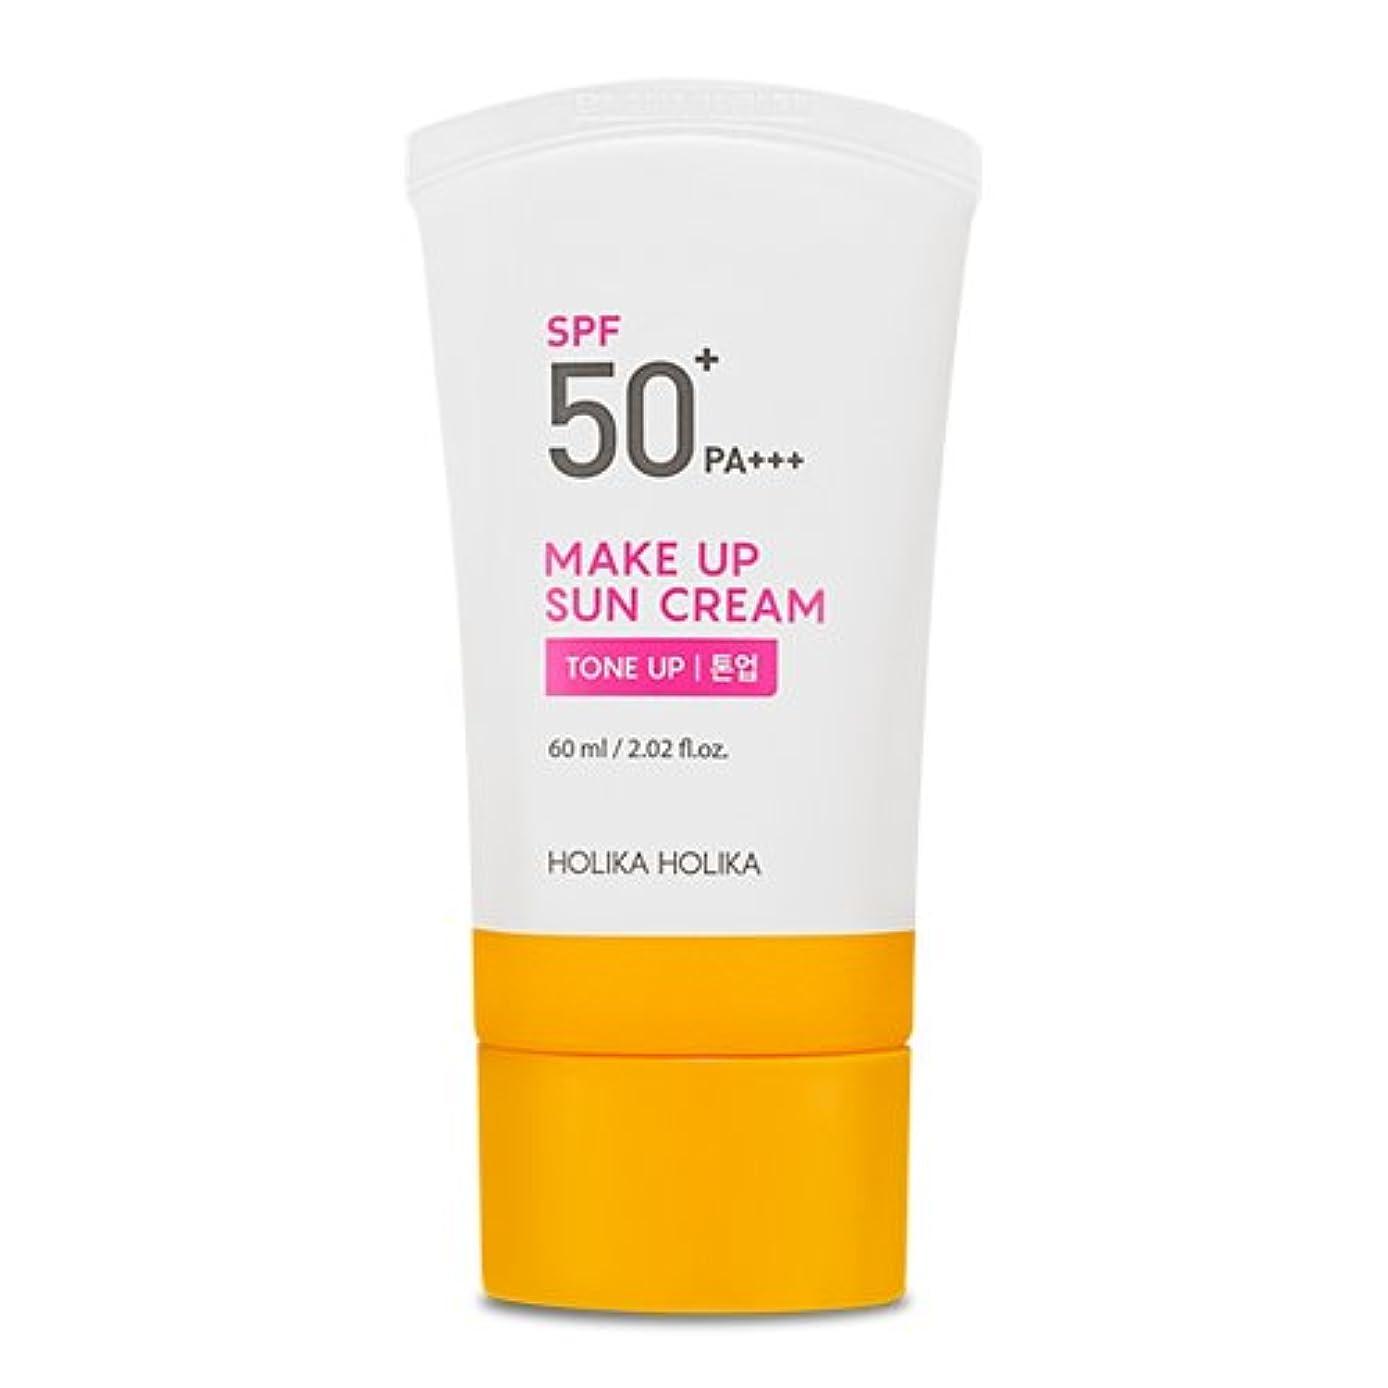 冬コミット解説[2018]ホリカホリカ メイクアップ 日焼け止めクリーム/UVケア?Holika Holika Make Up Sun Cream SPF50+ PA+++ 60ml [並行輸入品]